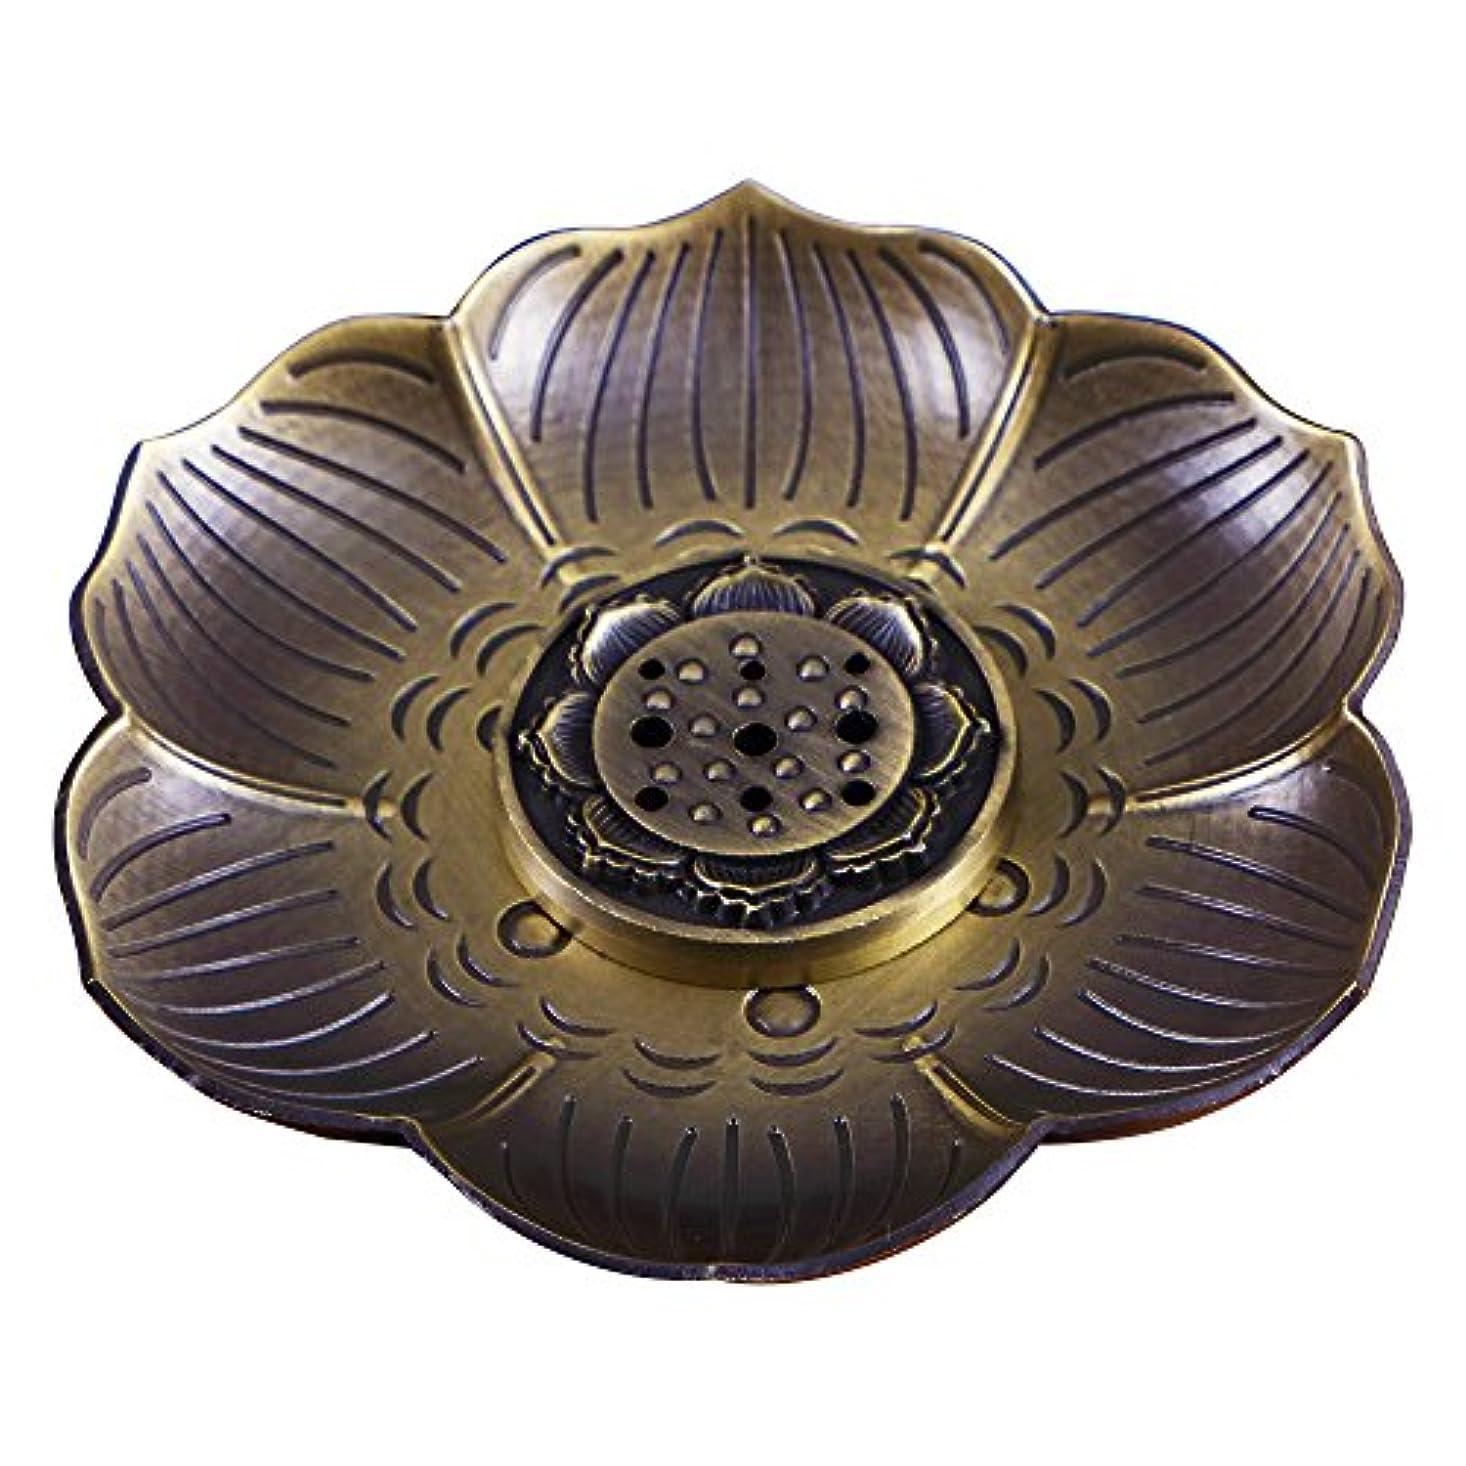 旧正月どのくらいの頻度で資本主義shanbentang Incenseホルダー、多目的ブロンズロータス香炉お香の円錐、またはコイル